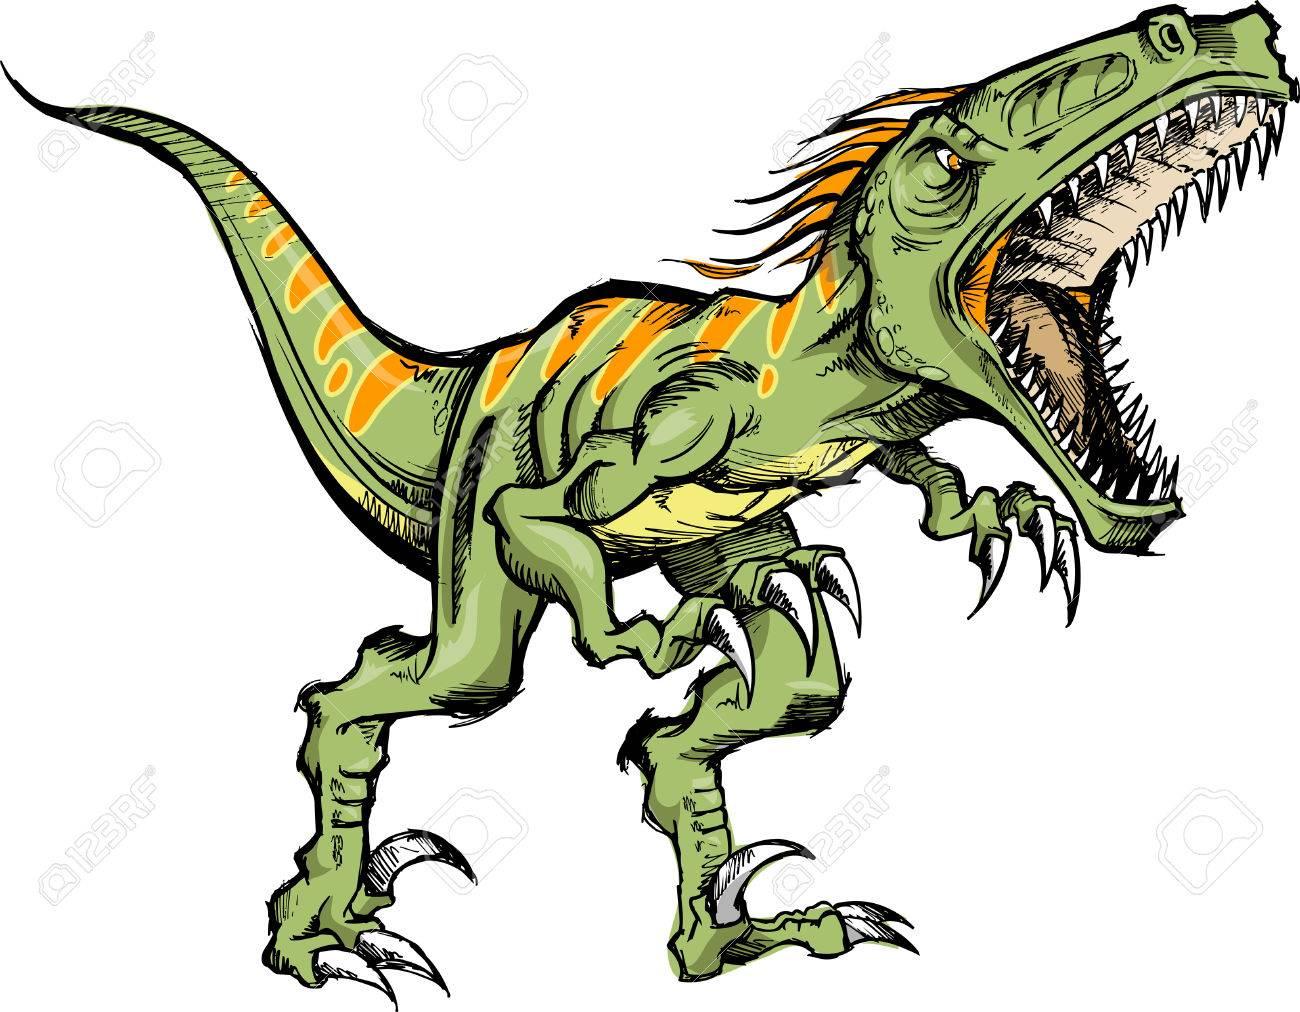 Esquematica Raptor Dinosaurio Ilustracion Vectorial Ilustraciones Vectoriales Clip Art Vectorizado Libre De Derechos Image 3051464 Alibaba.com offers 1,145 animatronic dinosaurios products. esquematica raptor dinosaurio ilustracion vectorial